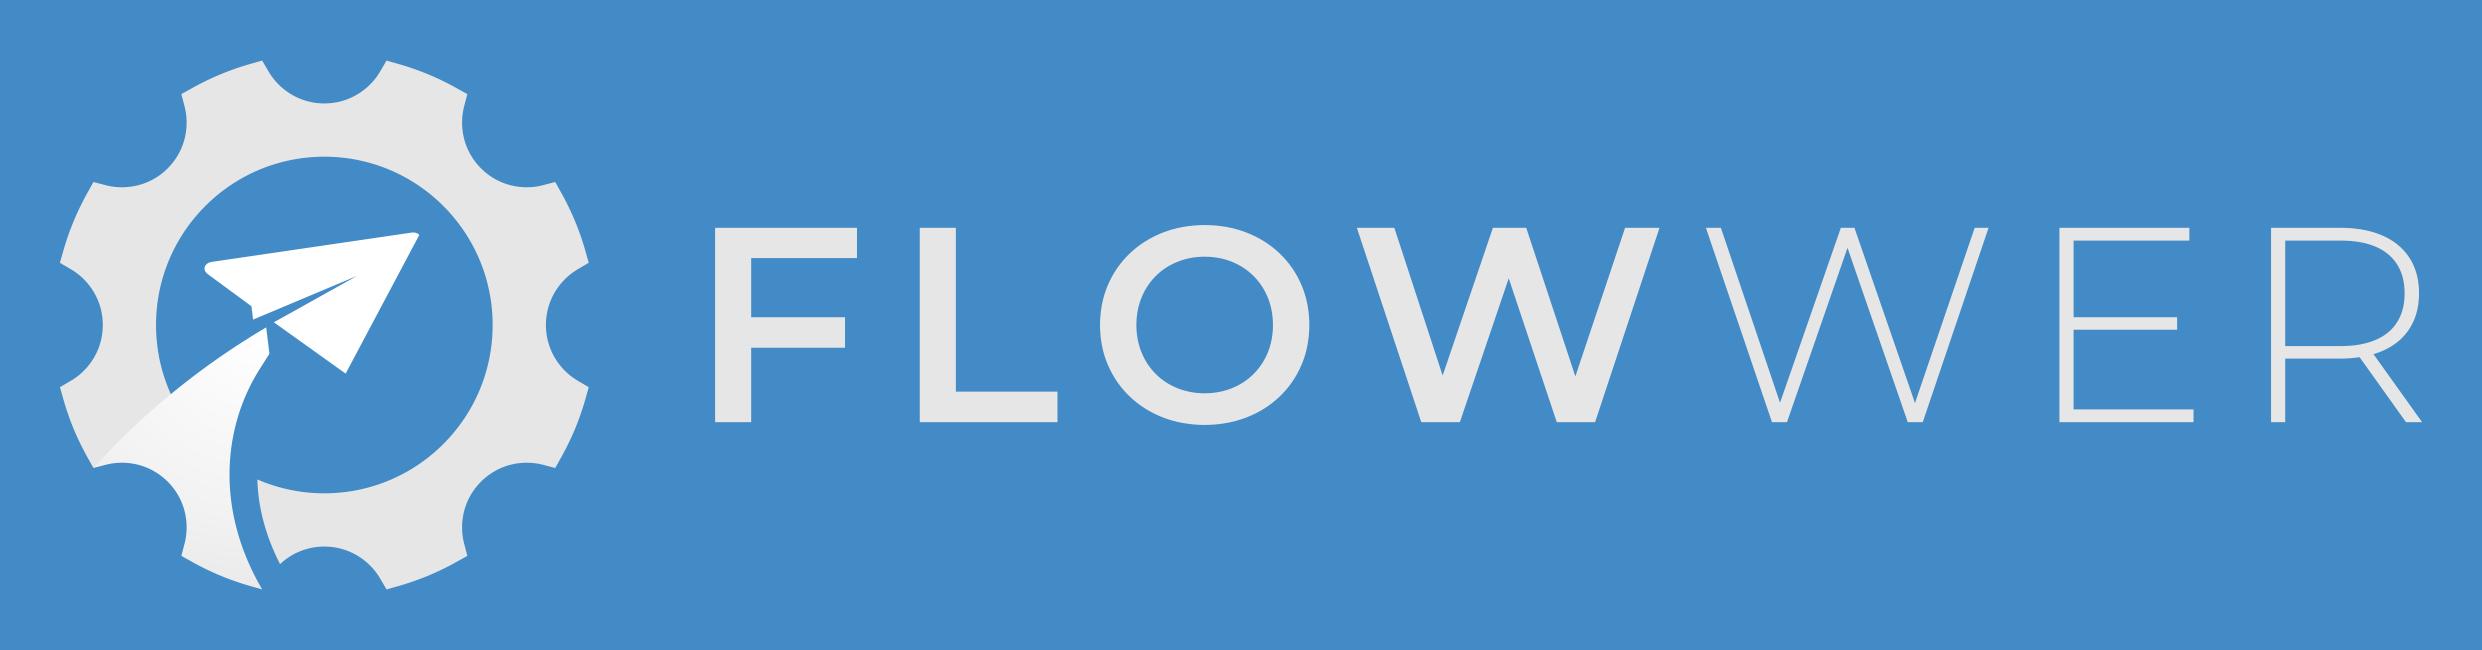 Logo for online invoice-approval platform.